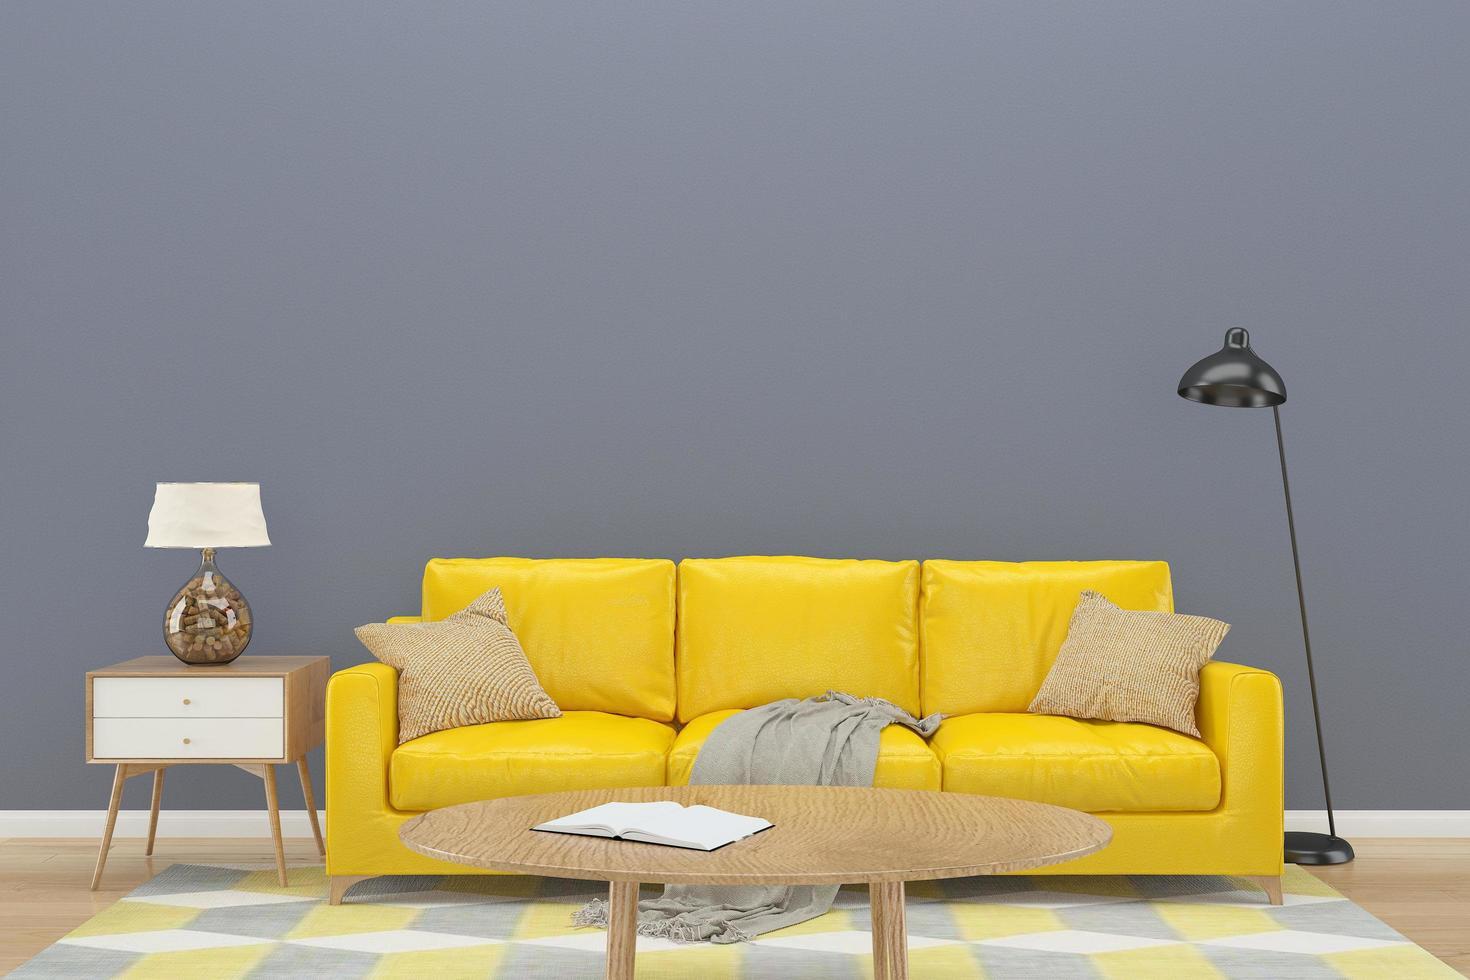 muro grigio con divano giallo sul pavimento di legno foto